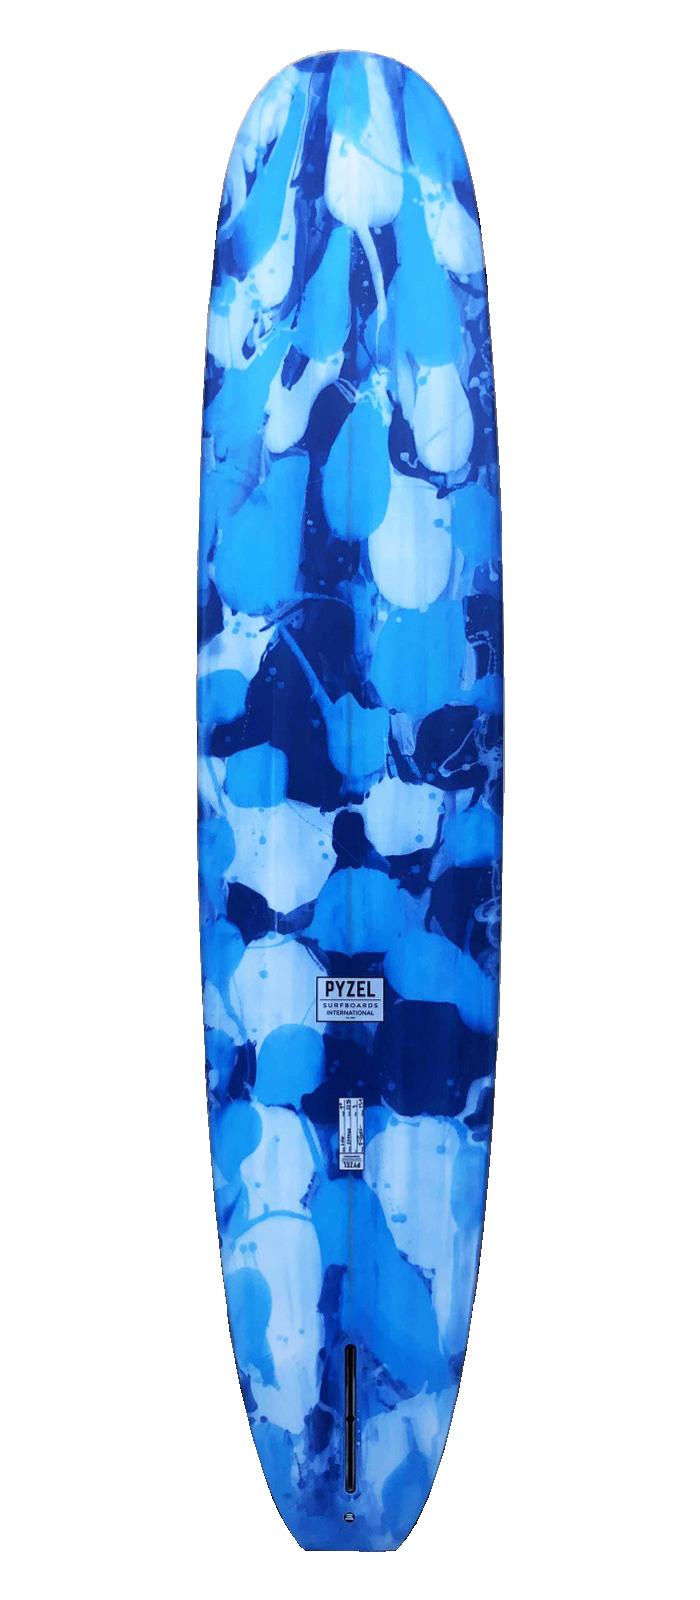 LOG surfboard model bottom